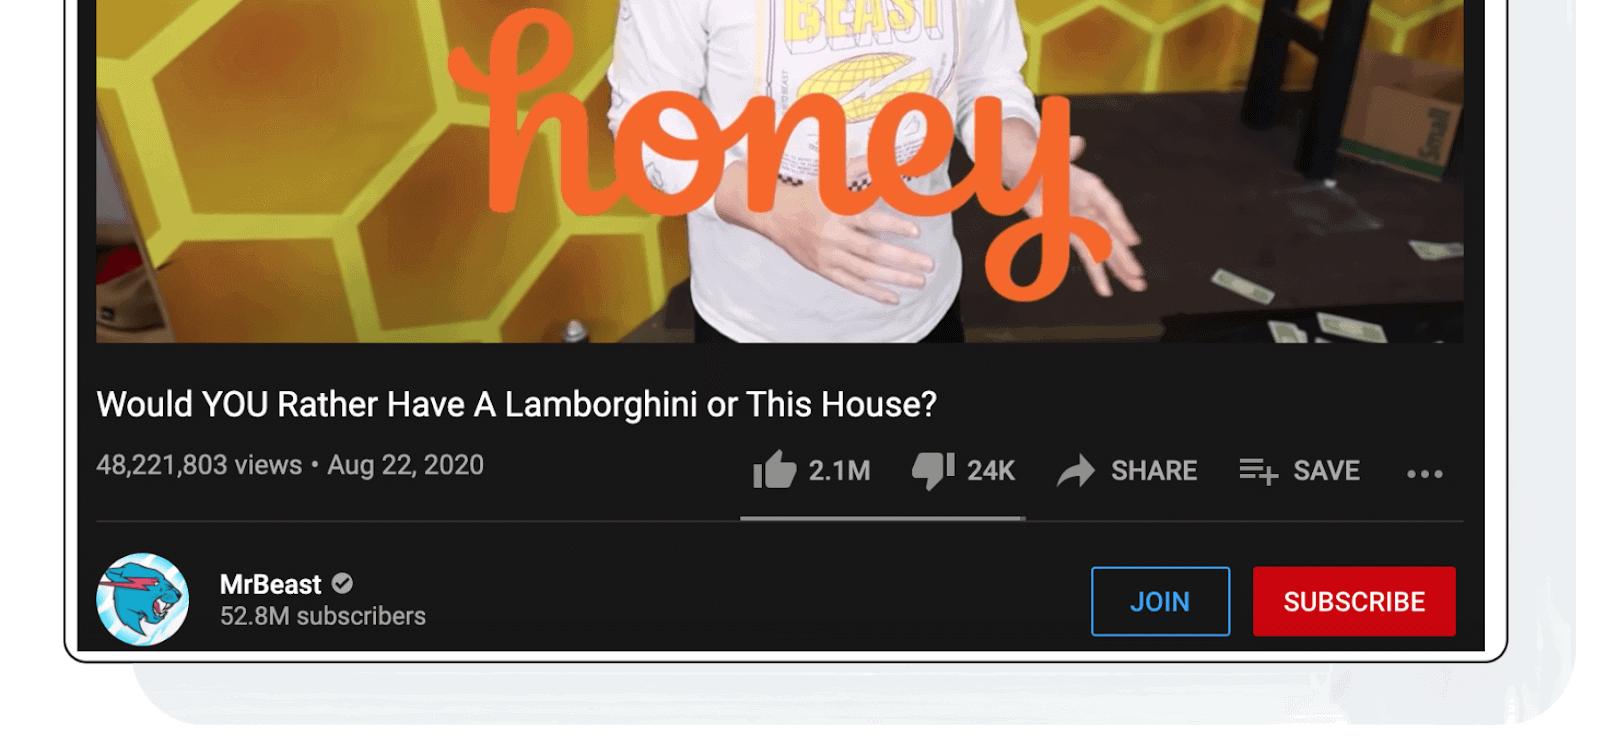 Top Videos 2020